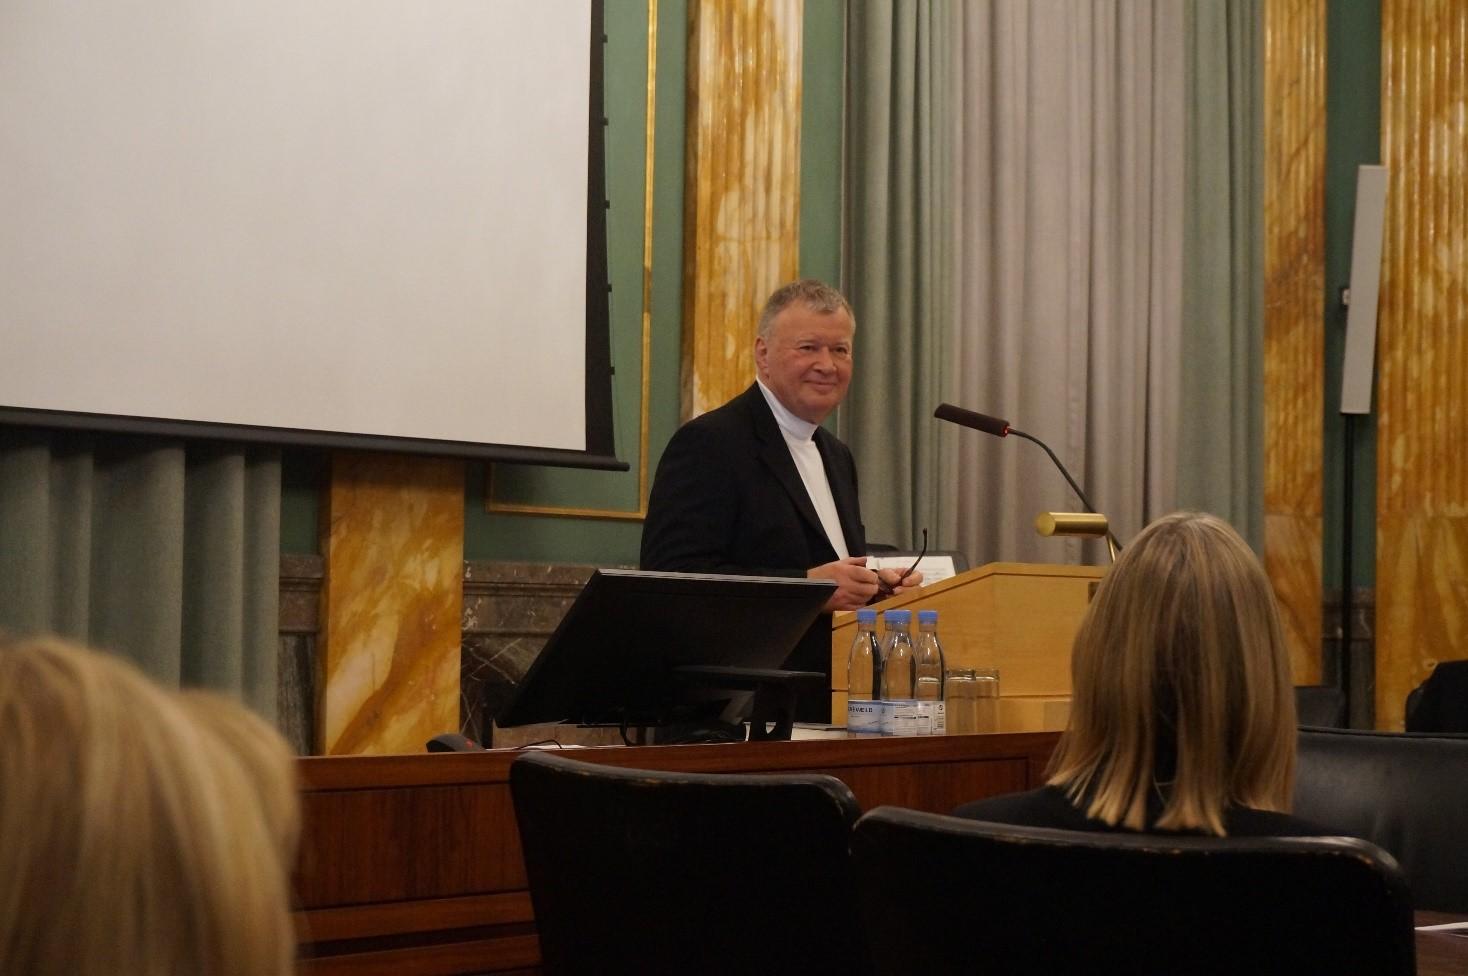 Professor Frans Gregersen beskriver i sin tale den brede humanistiske dimension i Mette Birkedal Bruuns forskning.